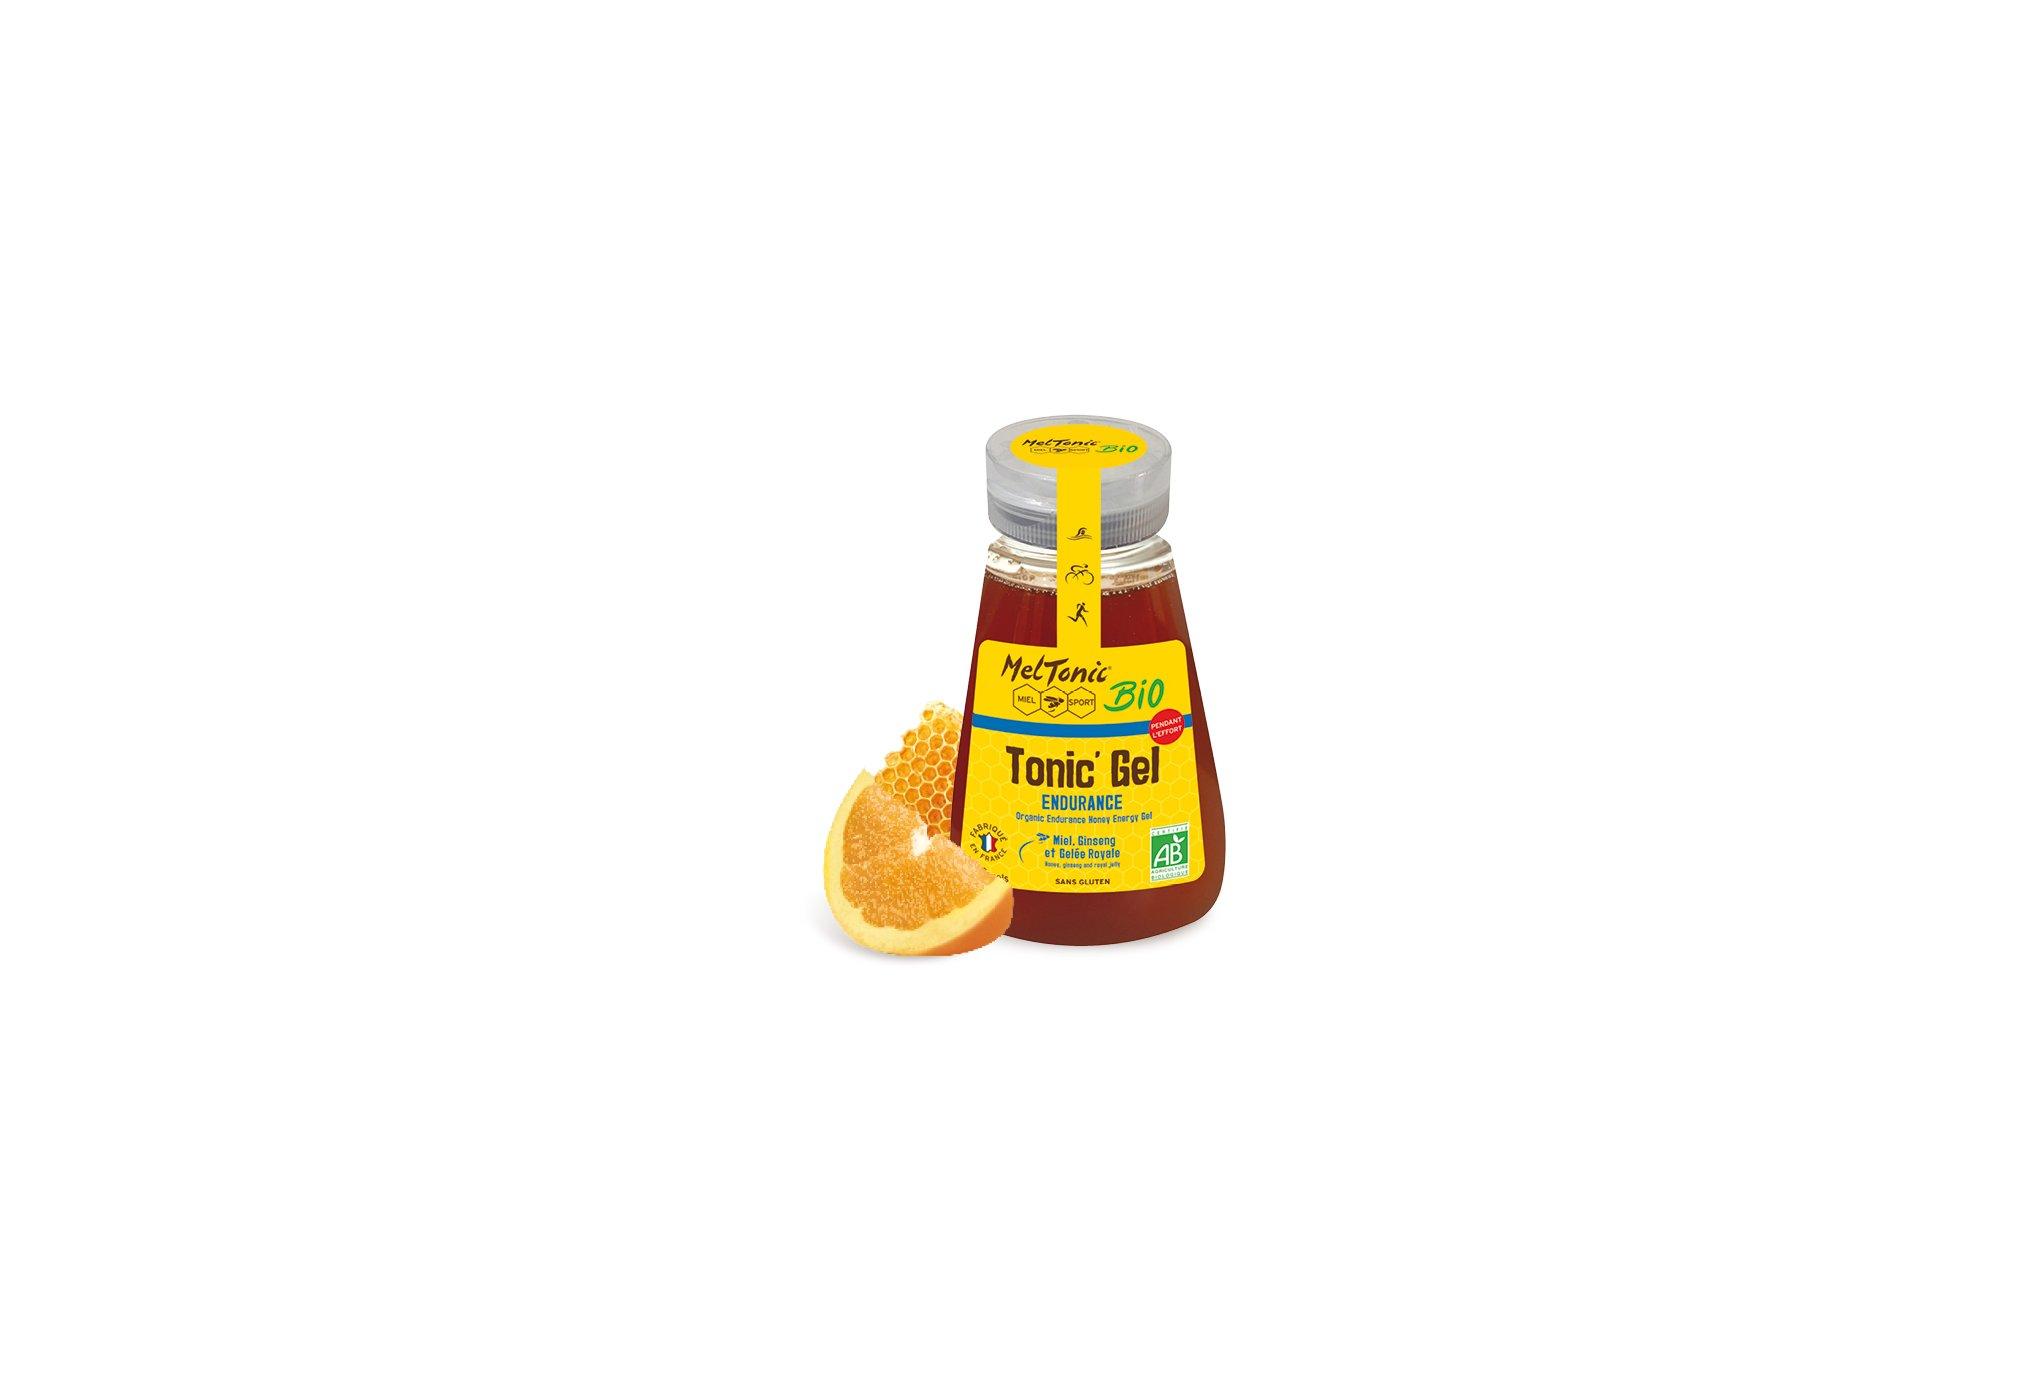 MelTonic Recharge Eco Tonic'Gel Endurance Diététique Gels